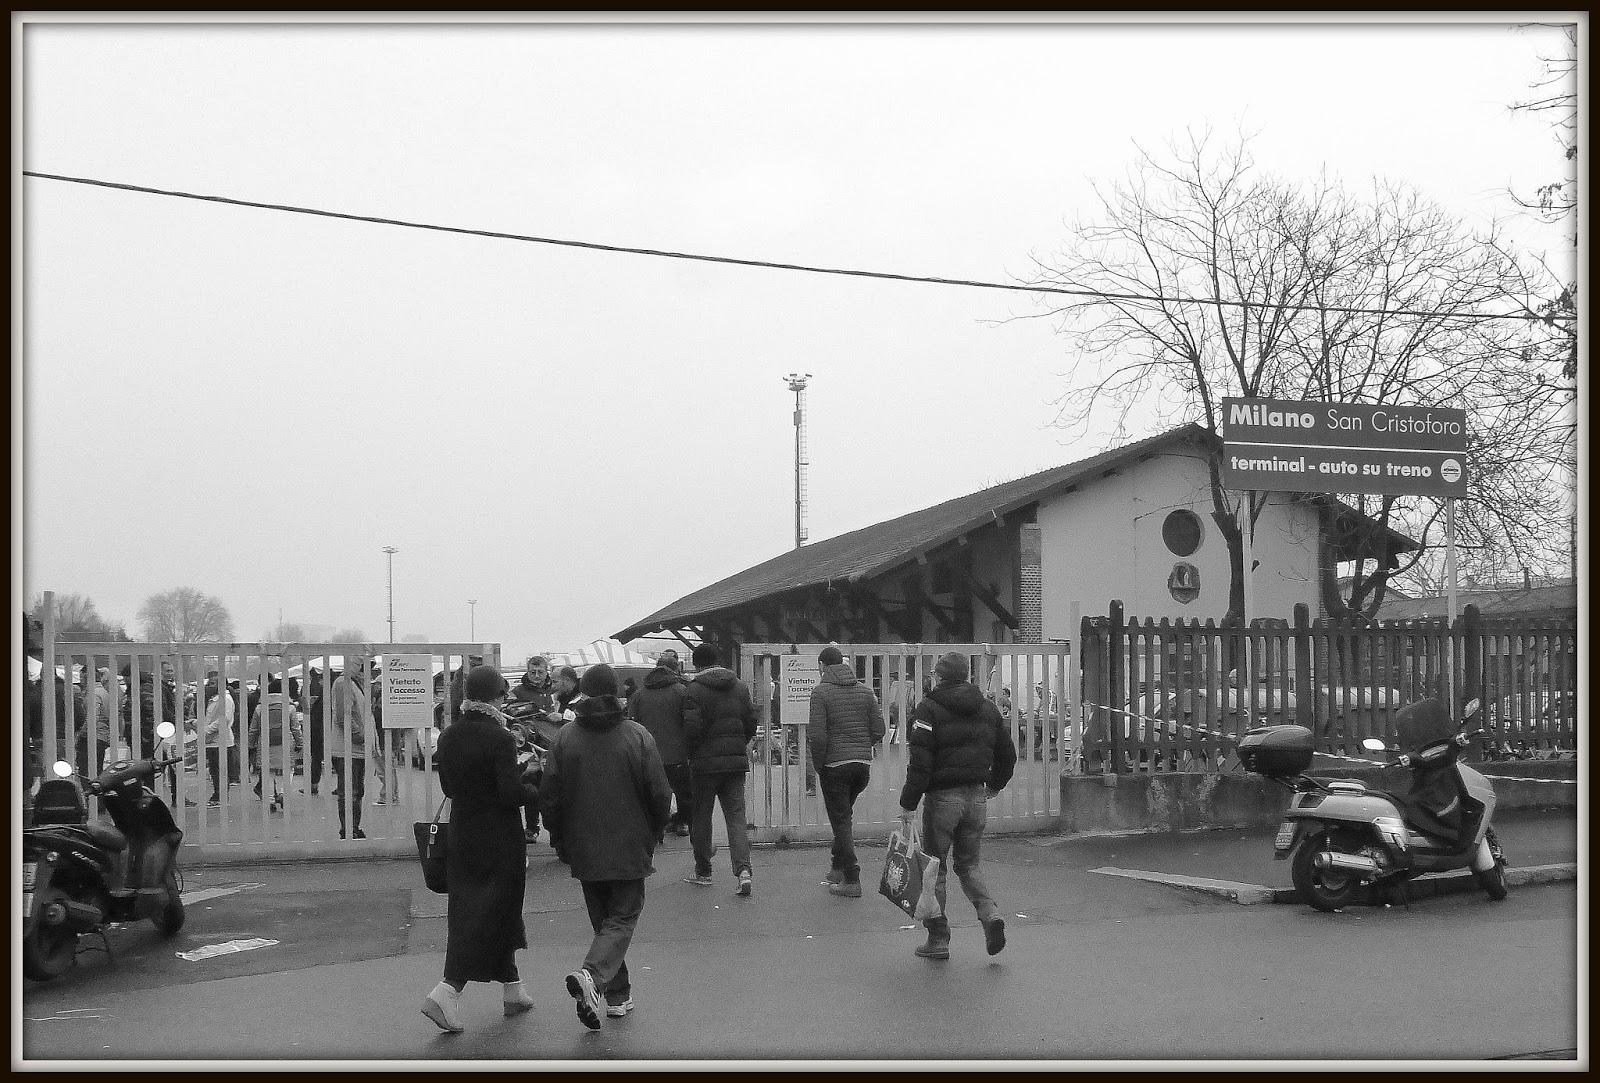 Milano velata milano rivelata milano il mercatino dell for Il mercatino milano